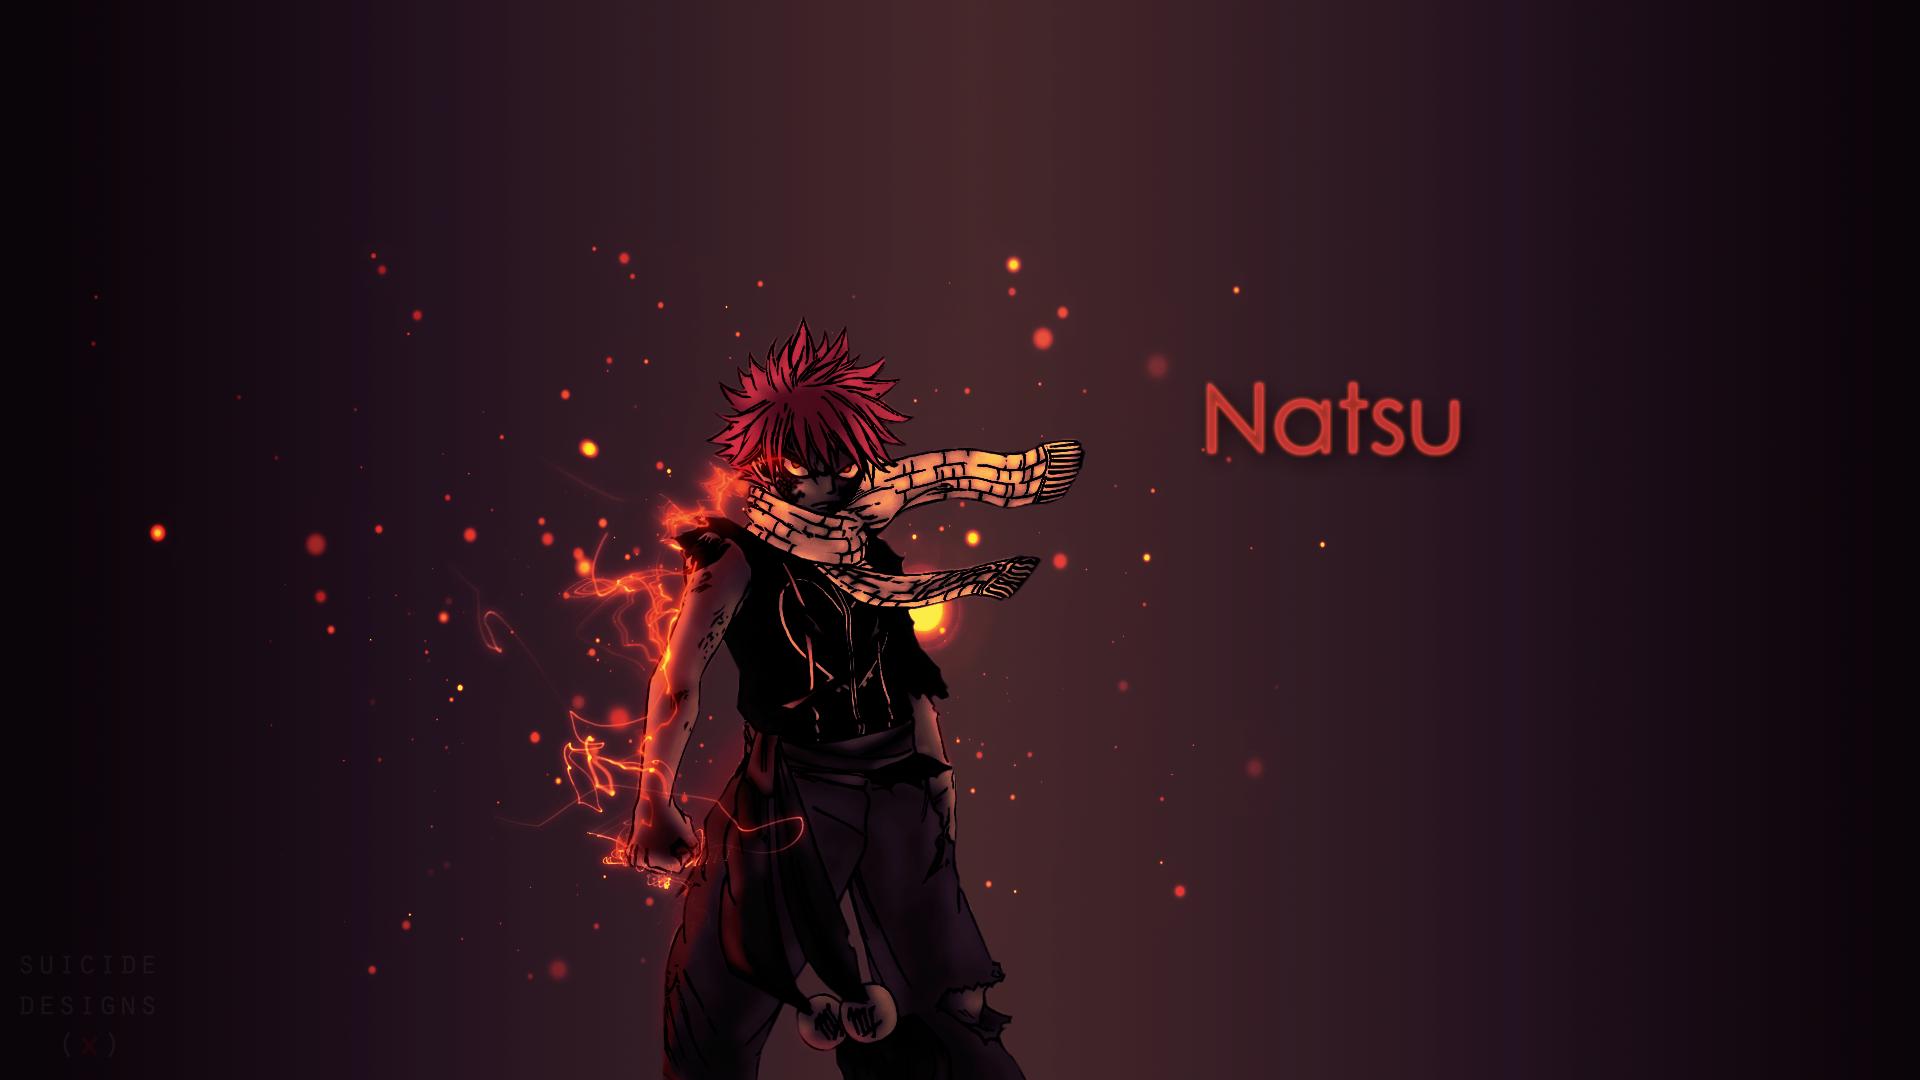 natsu wallpaper 1680x1050 - photo #2